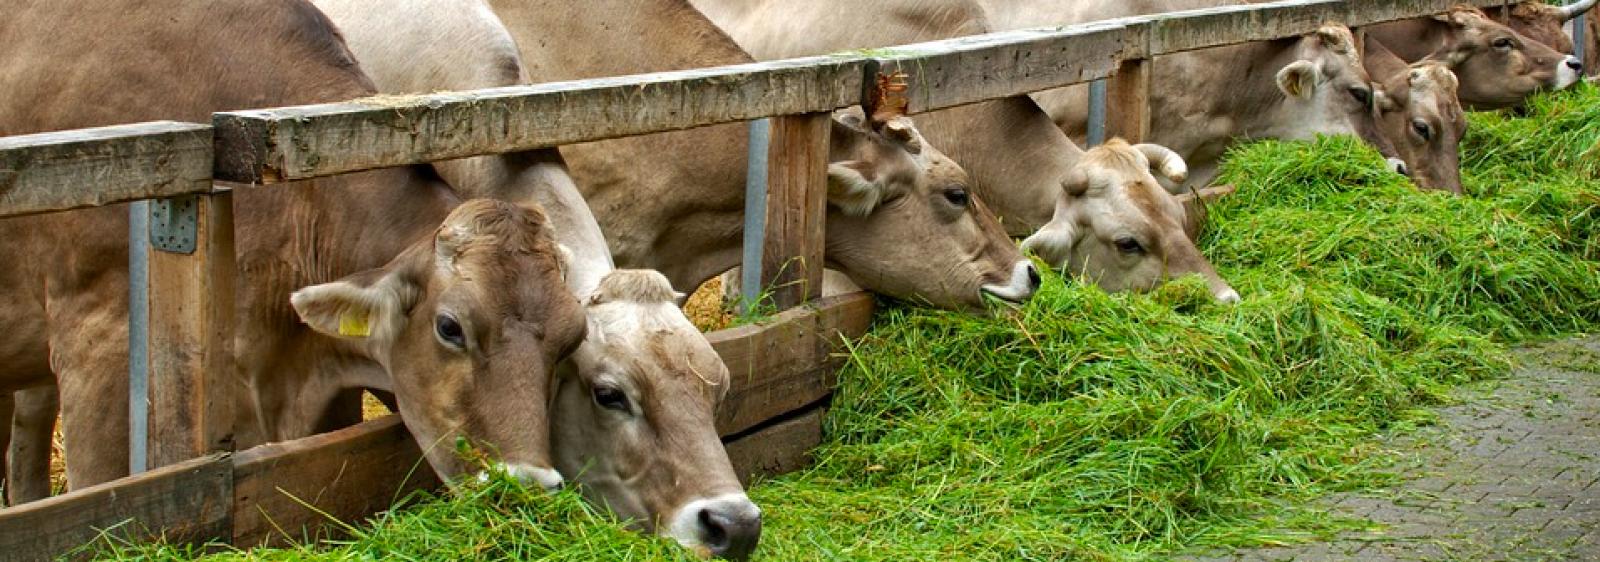 Vaques alimentant-se a una granja